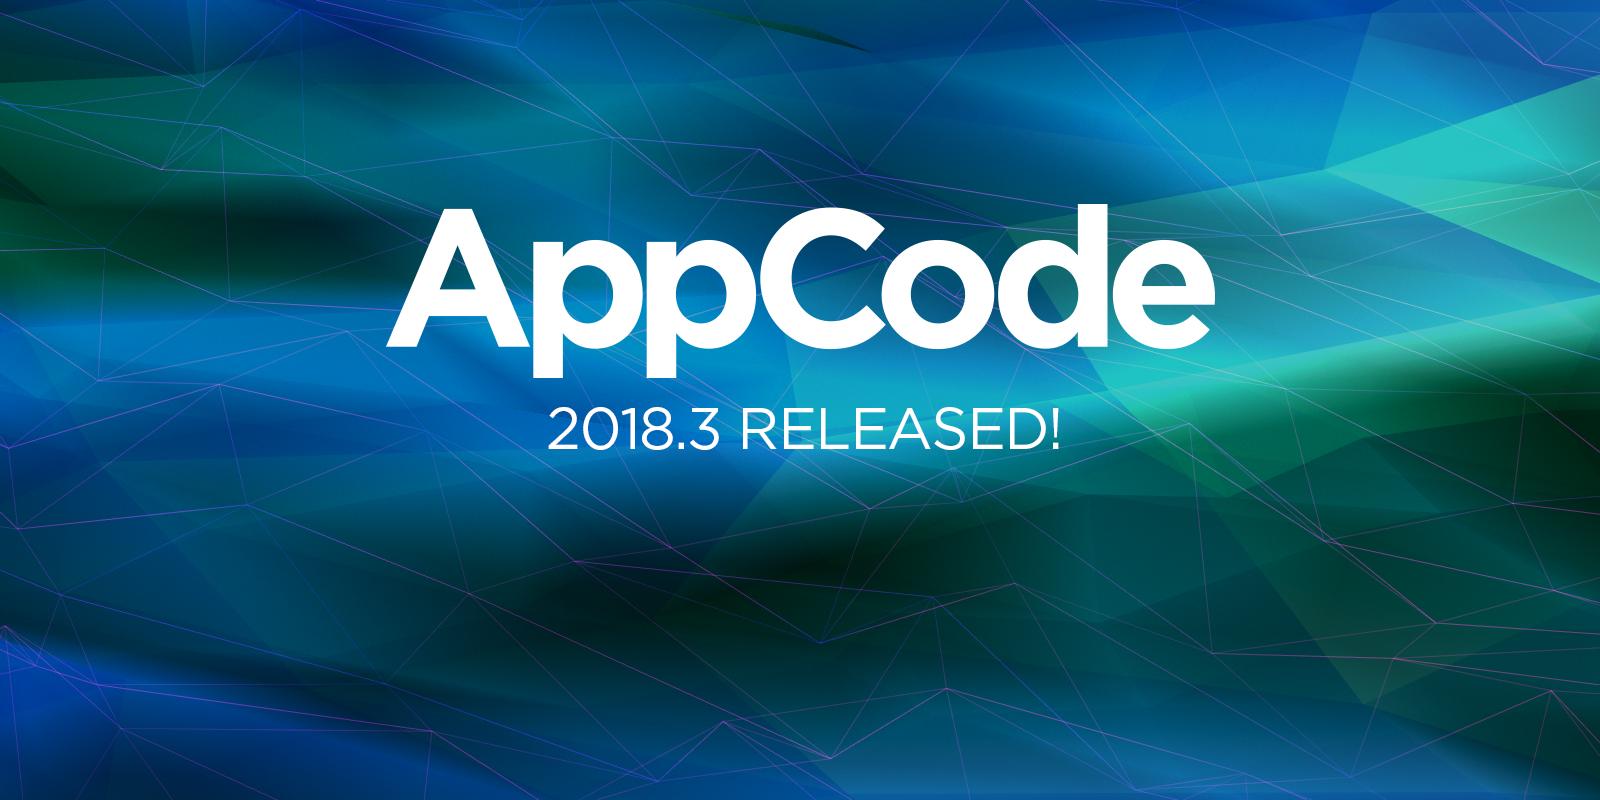 Что нового в AppCode 2018.3